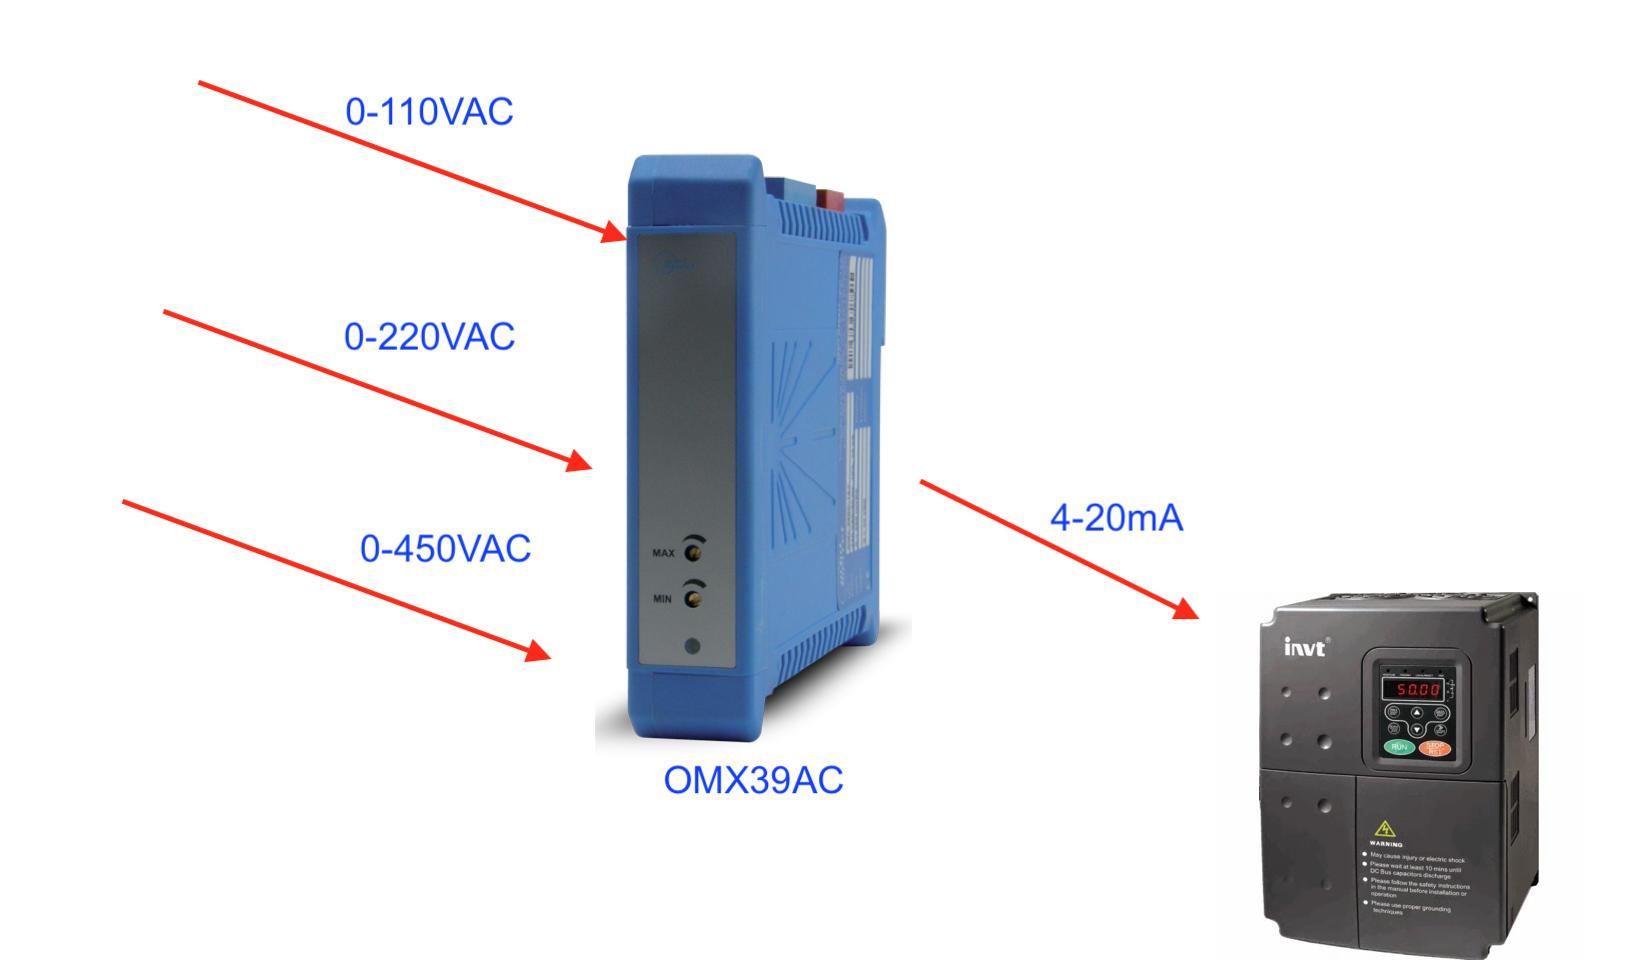 Bộ biến đổi điện áp 220V 380V 500V sang 4-20mA - OMX39AC